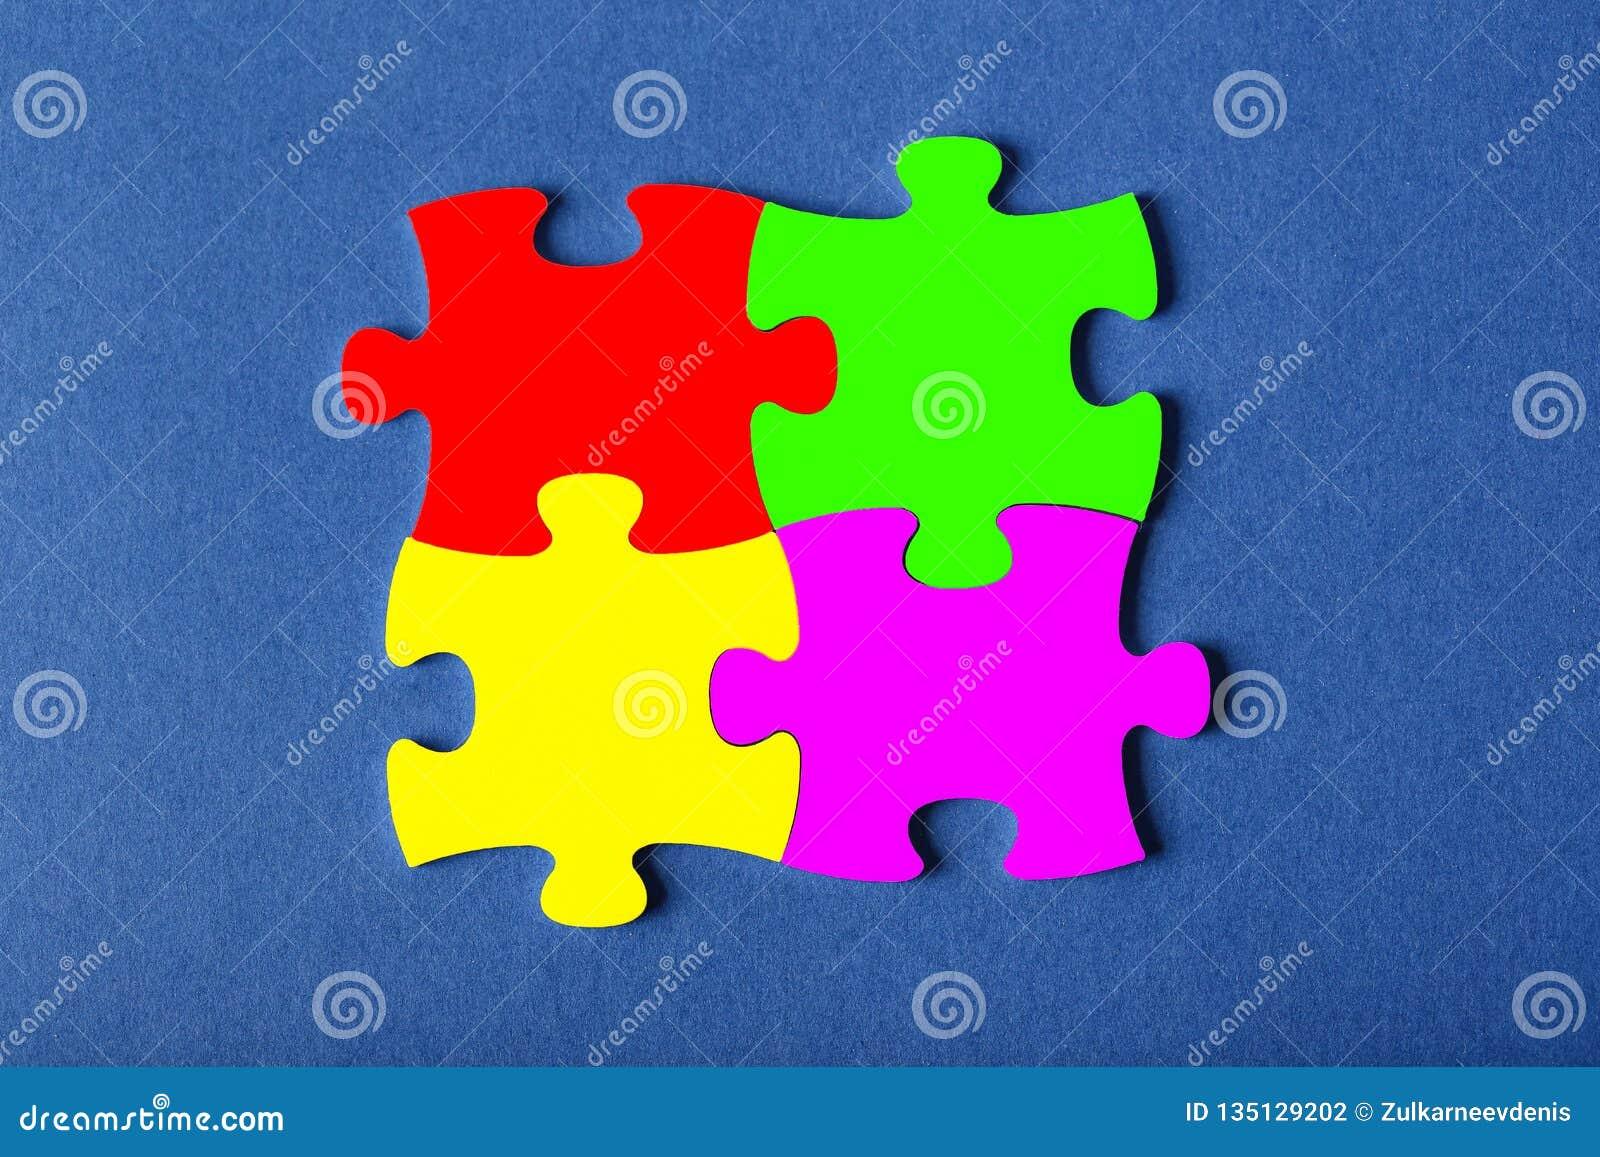 Τέσσερα στερέωσαν τους γρίφους των διαφορετικών χρωμάτων στο μπλε υπόβαθρο